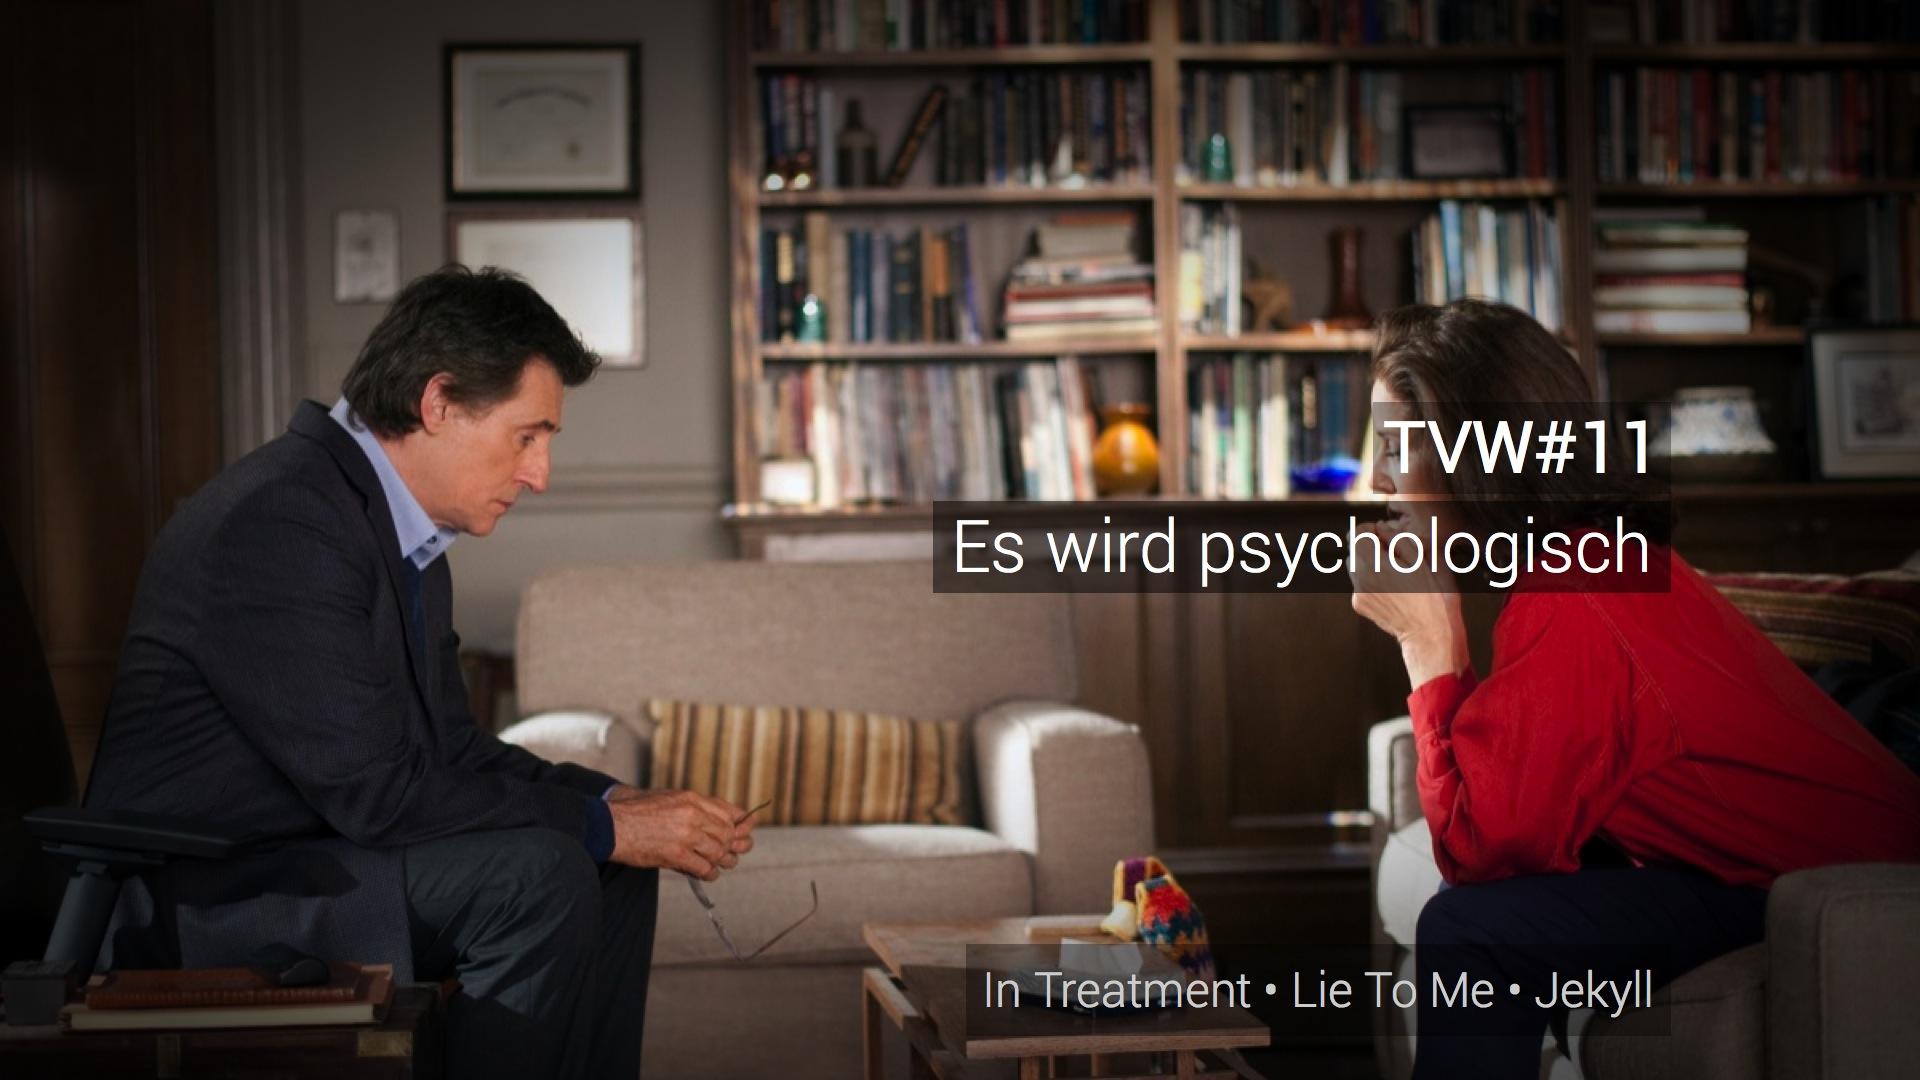 FB-TVW#11.jpg